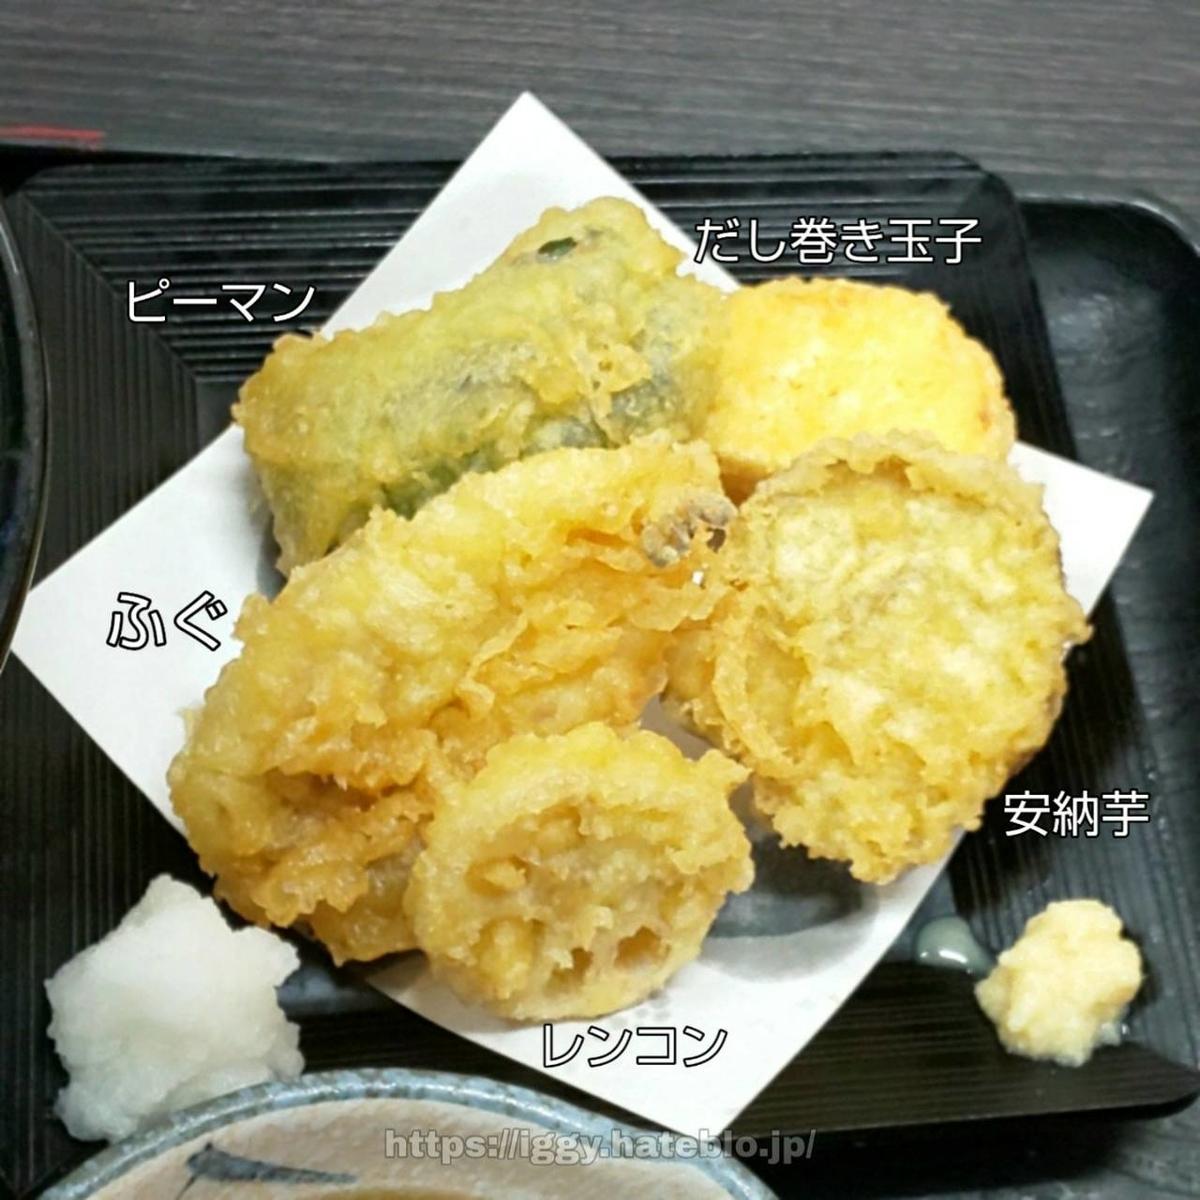 資さんうどん ふぐ天ぷら iggy2019